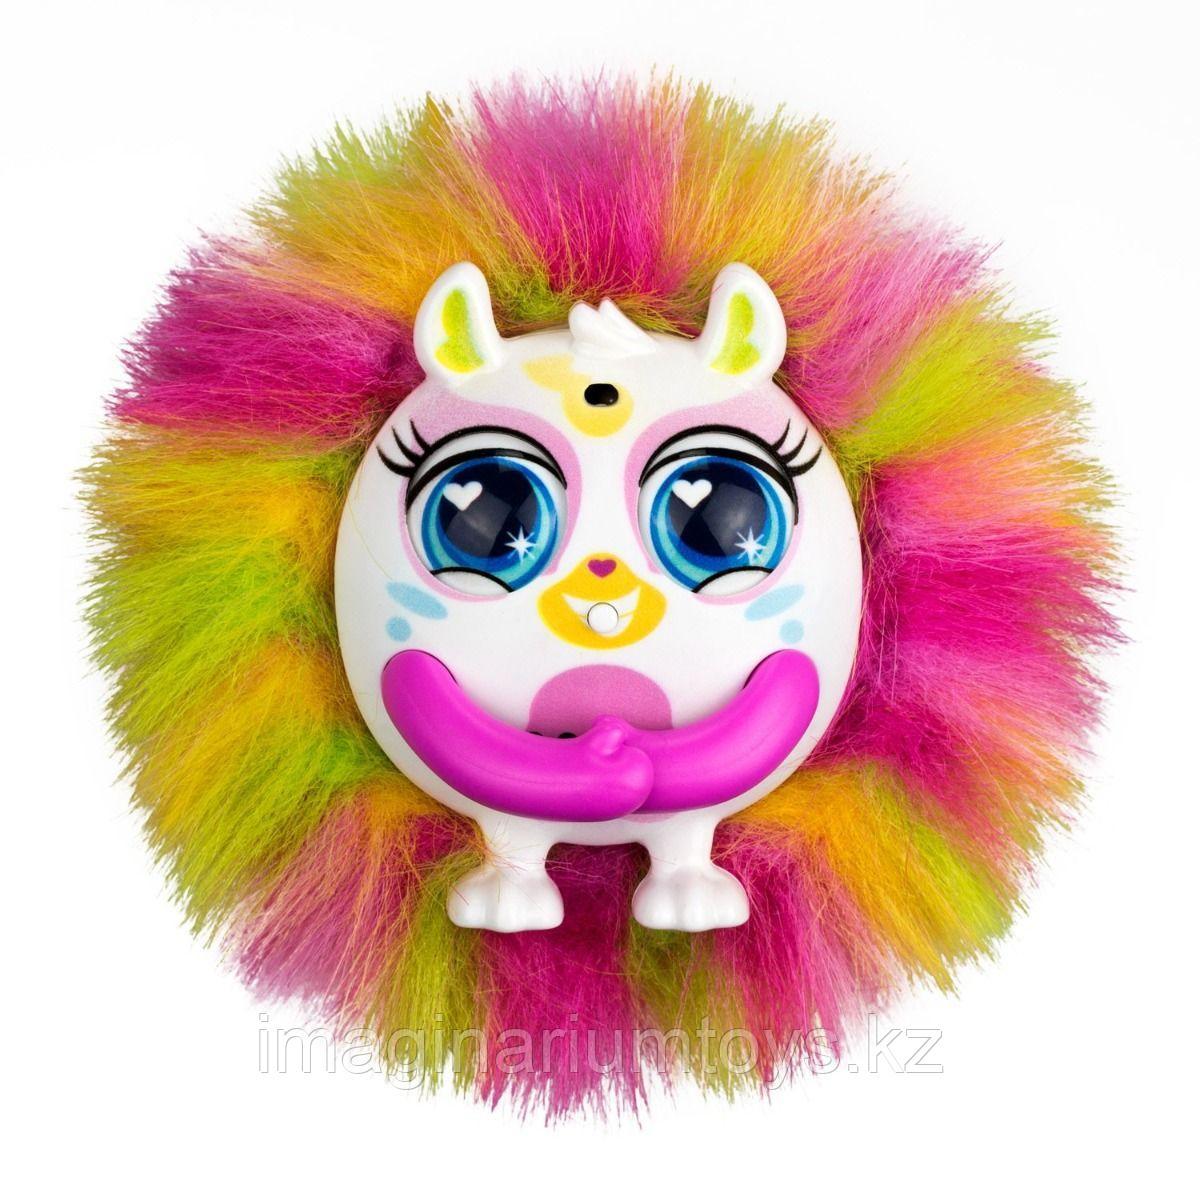 Tiny Furry Интерактивная игрушка Jelly